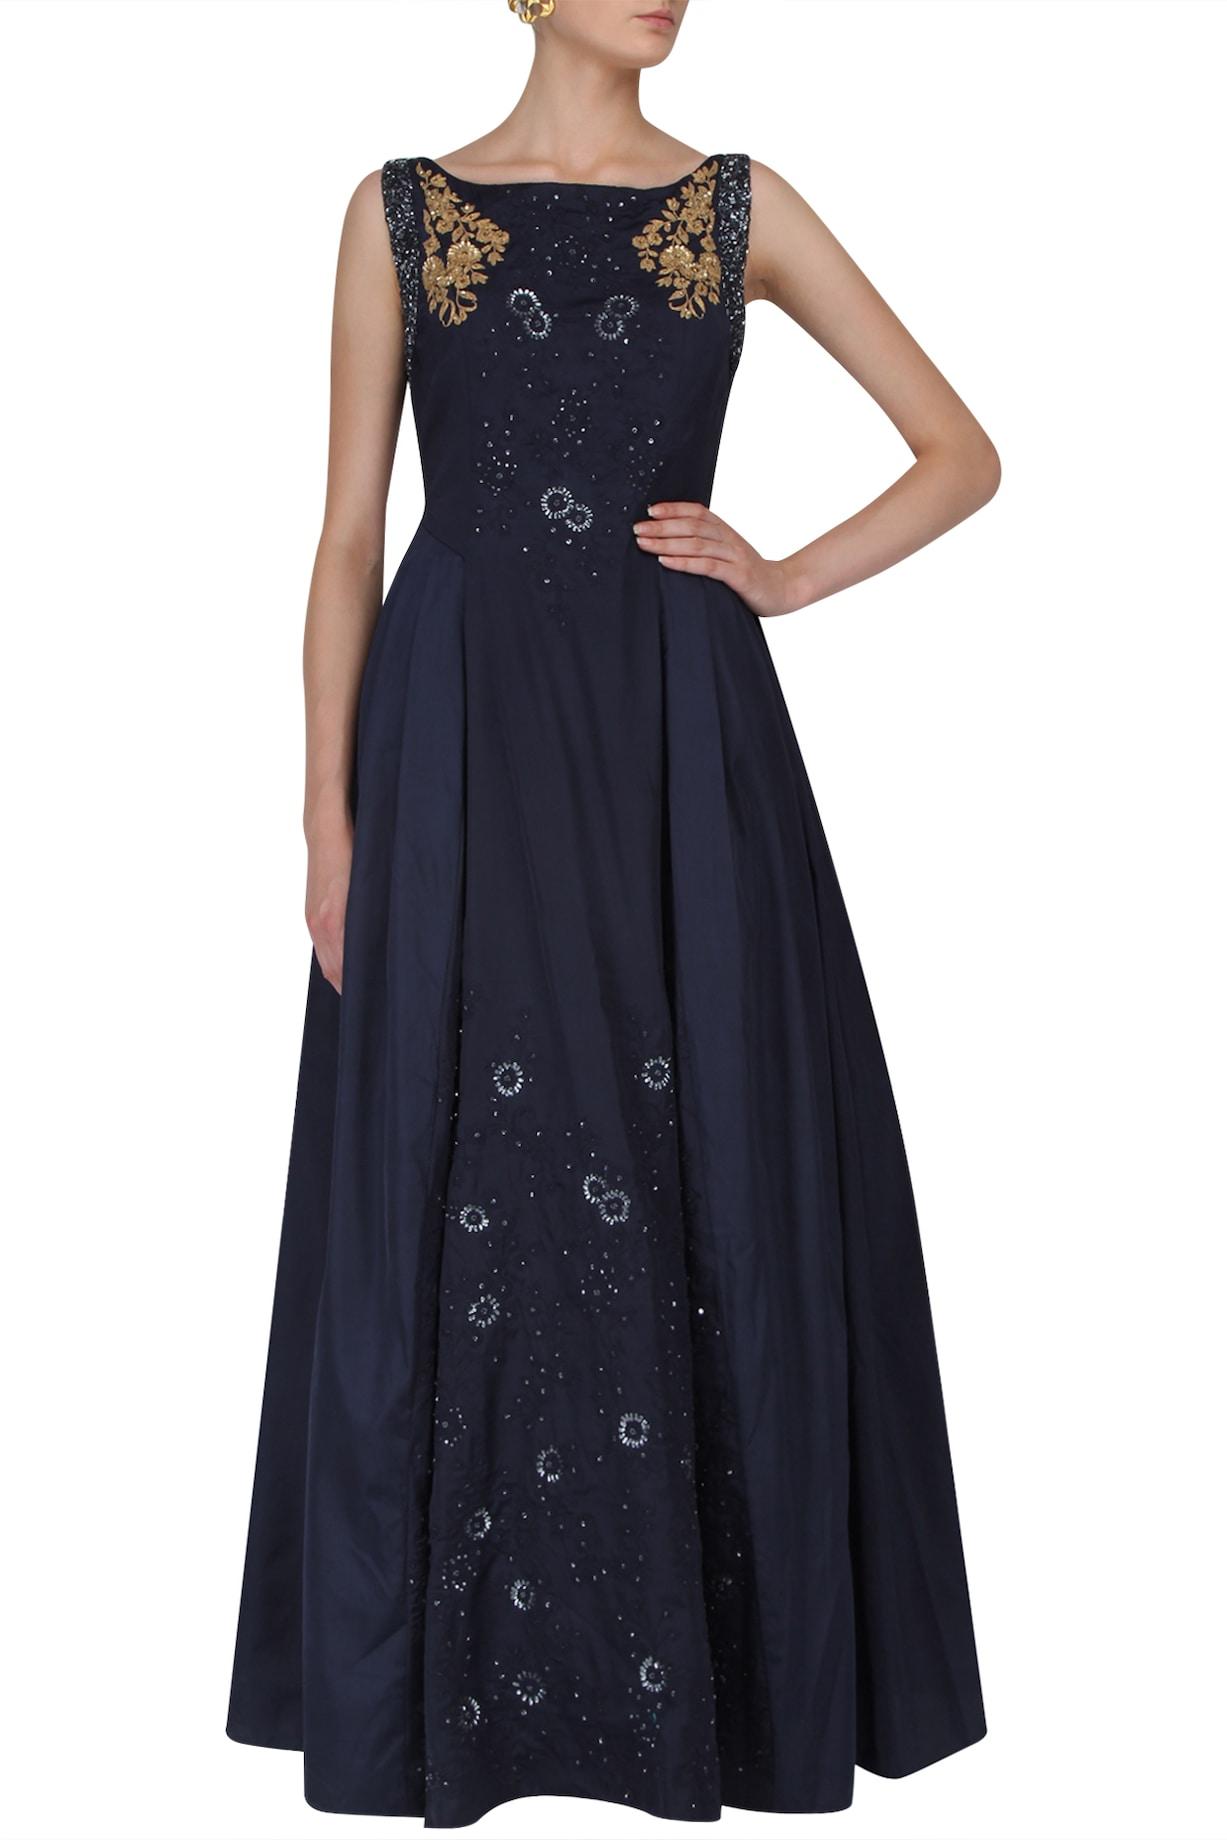 Ridhi Arora Gowns